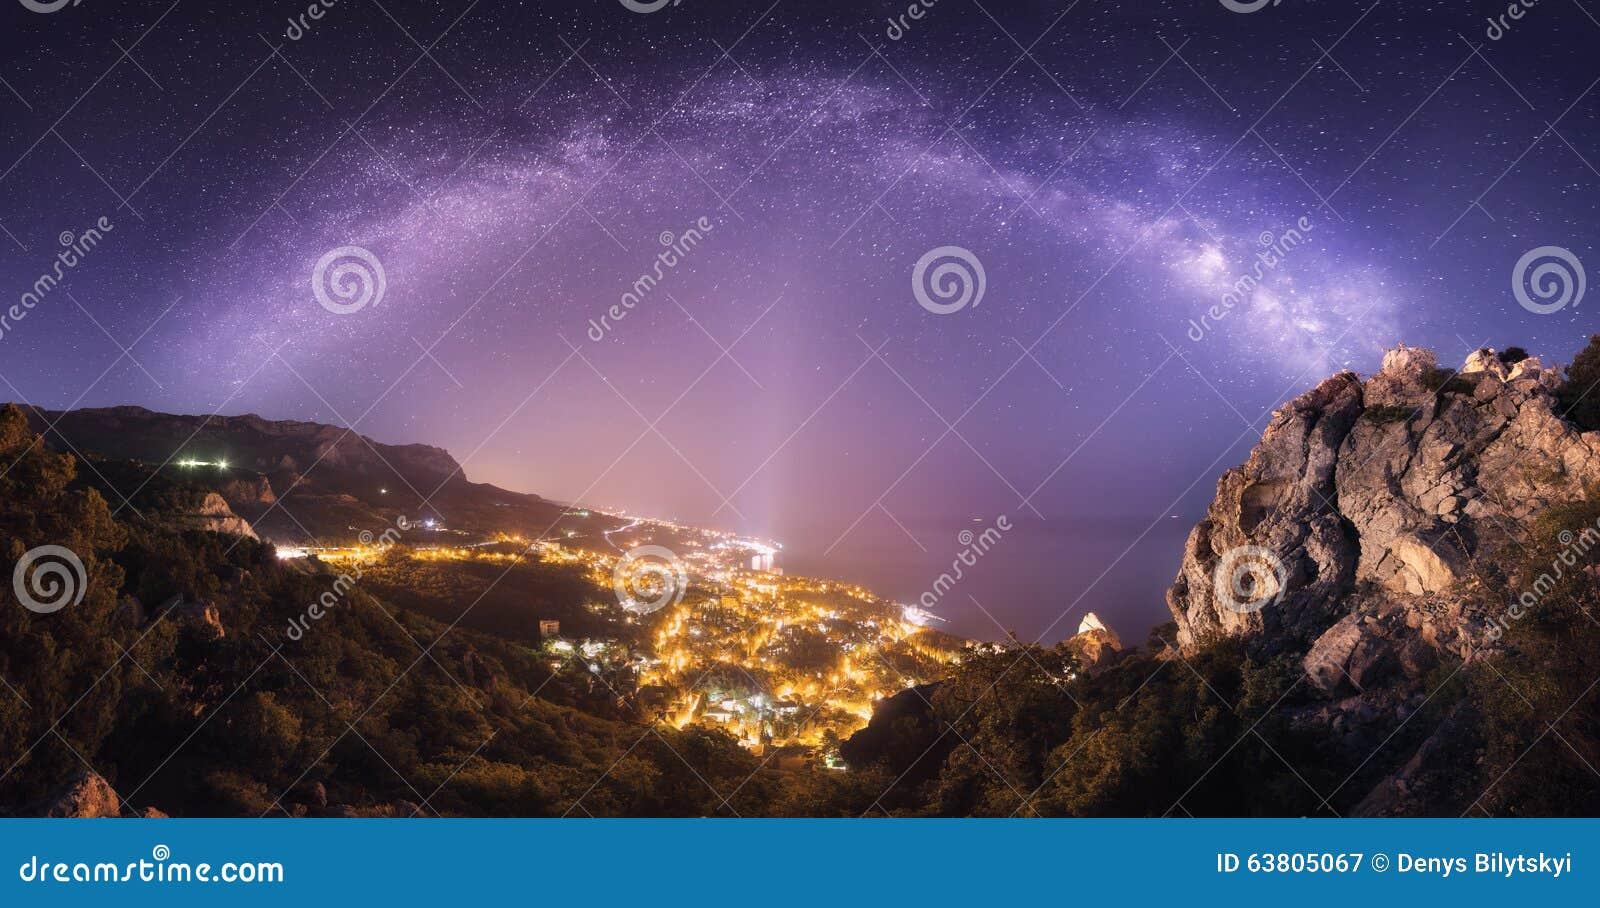 Il bello paesaggio di notte con la Via Lattea contro la città si accende